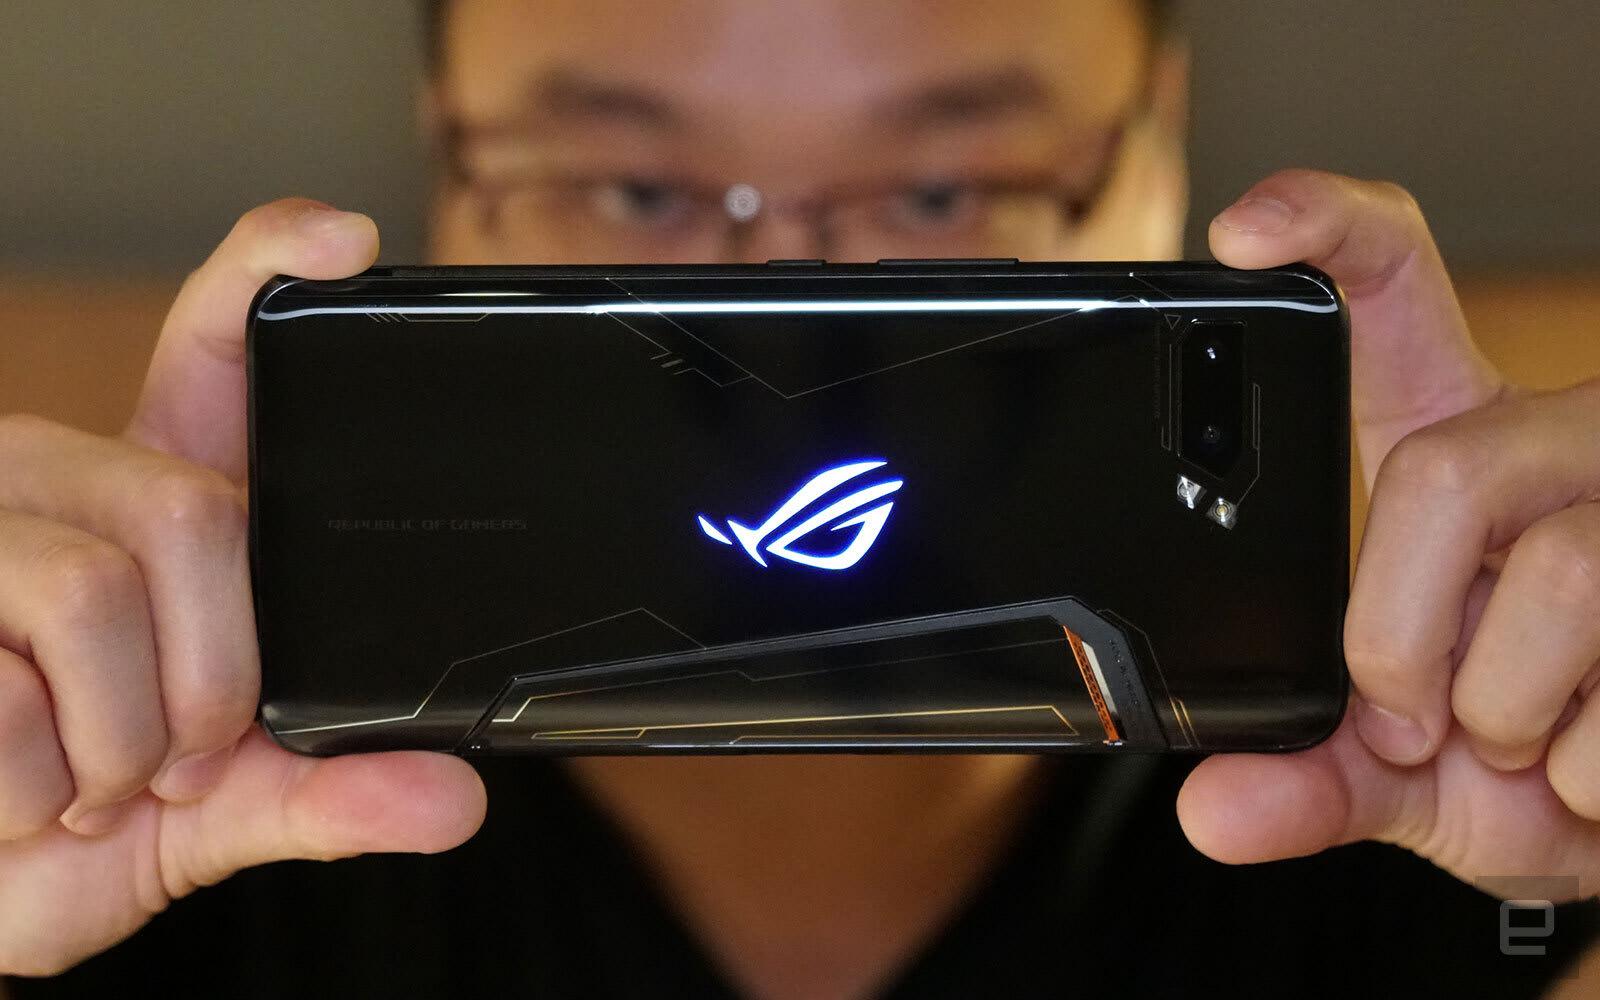 华硕 ROG Phone II 正式发布,带来 120Hz 的流畅游戏体验